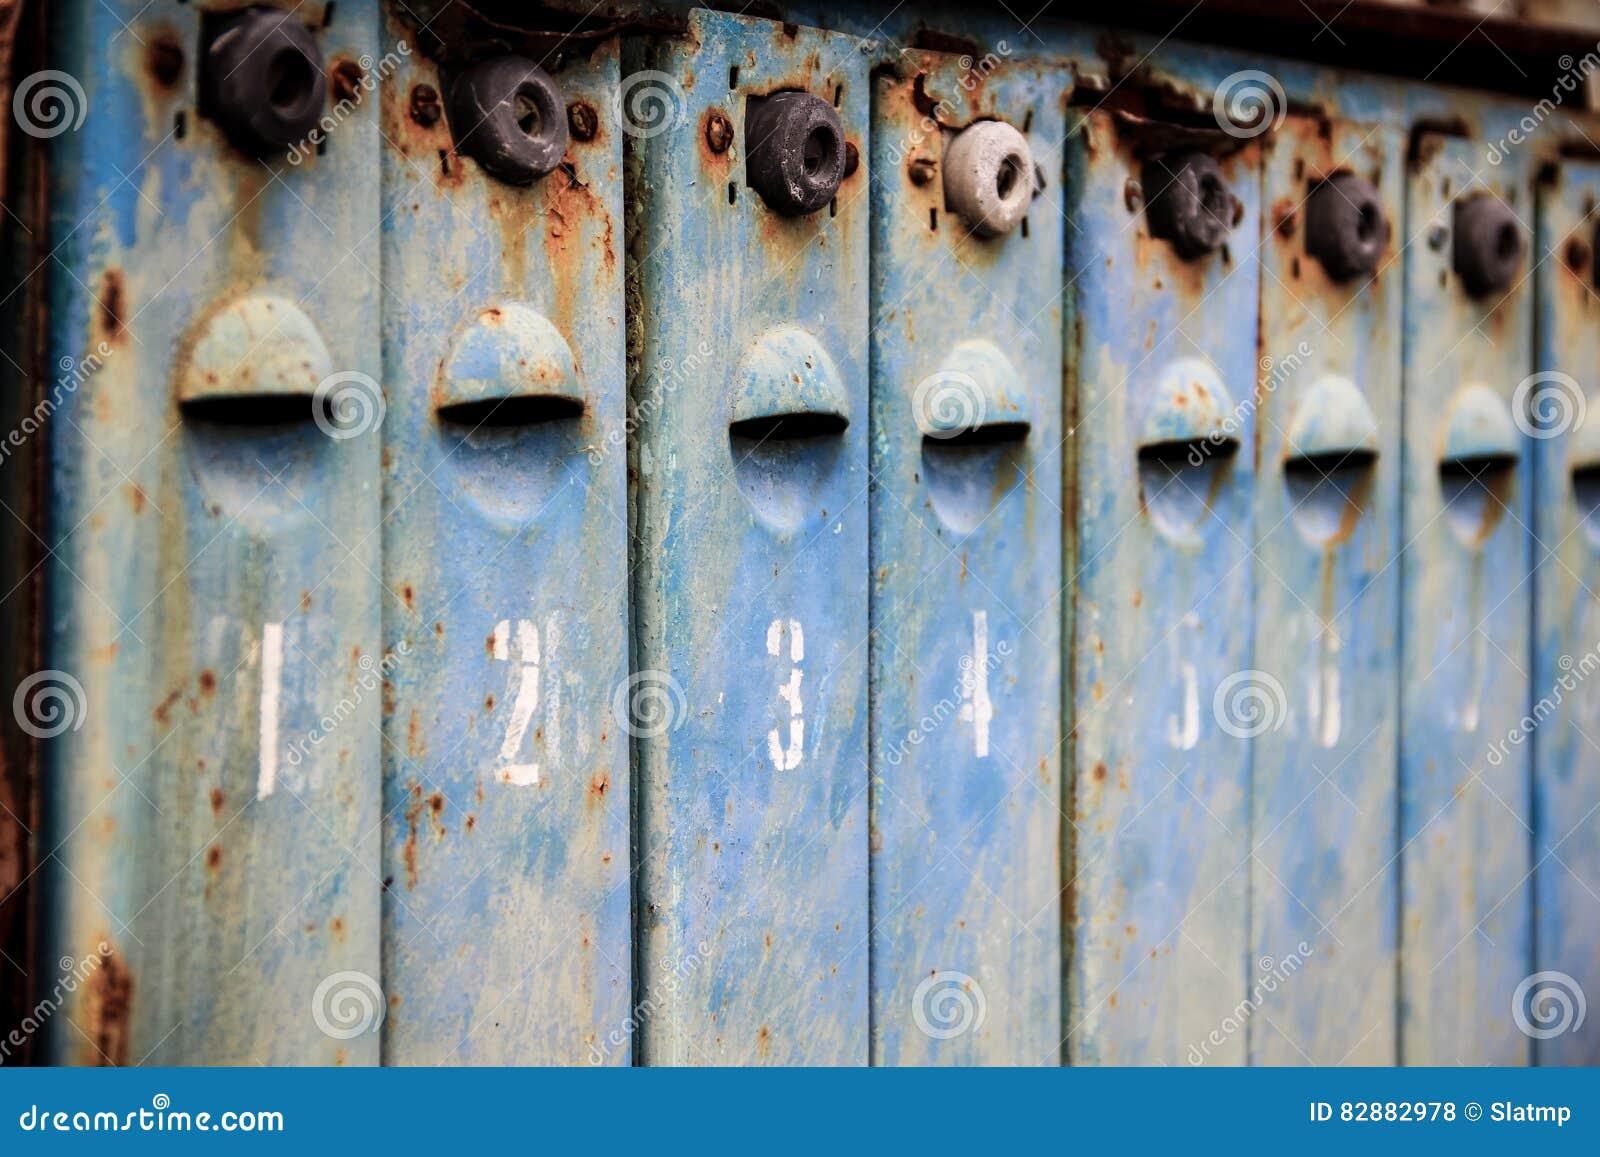 Le vieux métal s est rouillé et a numéroté des boîtes aux lettres